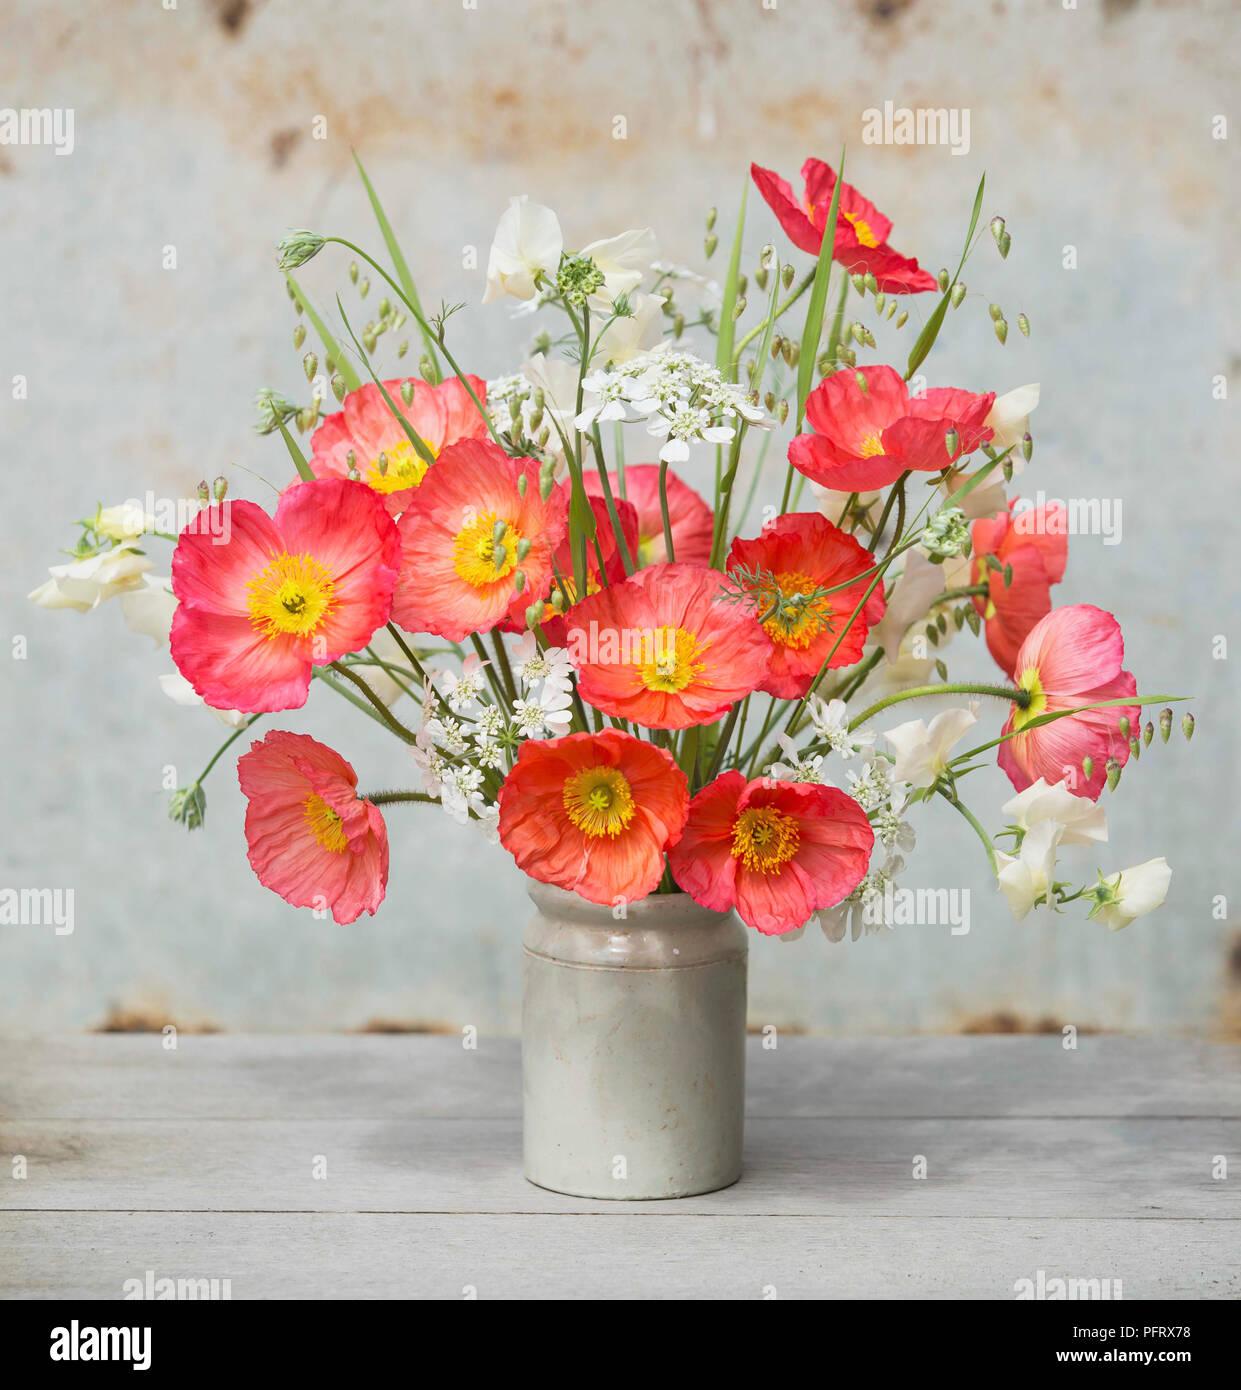 Poppy flower arrangement stock photos poppy flower arrangement icelandic poppy arrangement stock image mightylinksfo